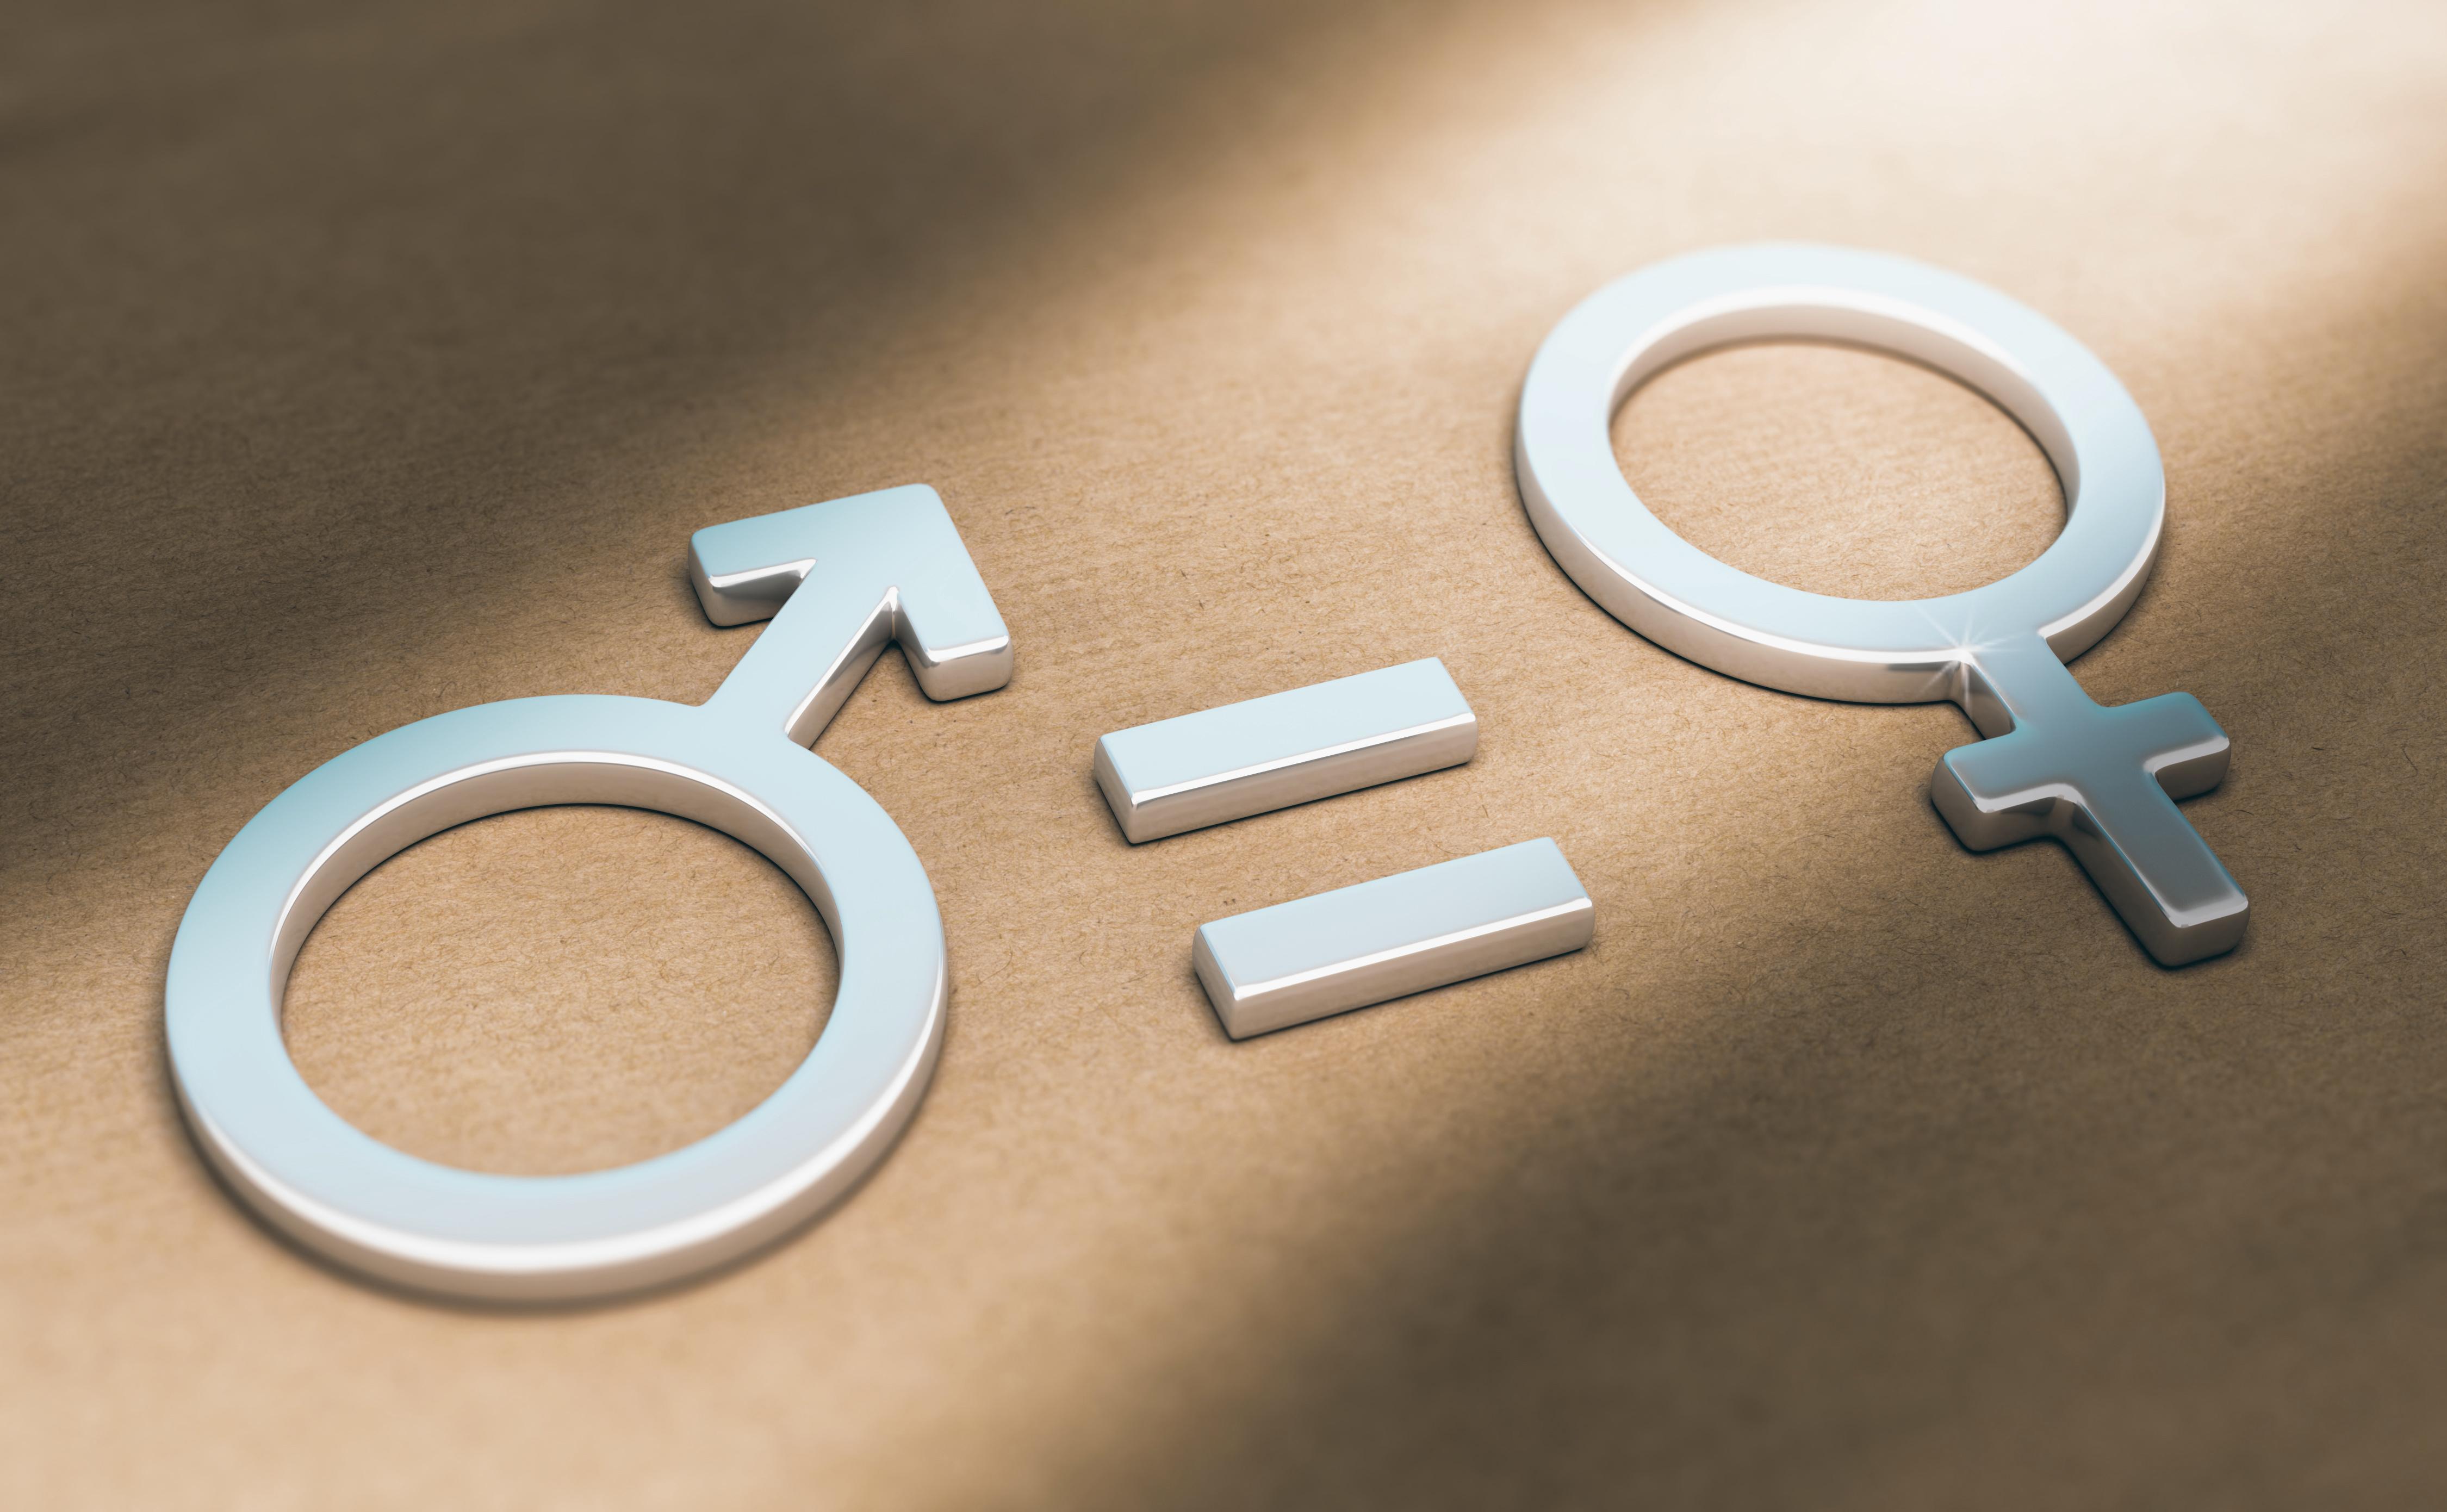 Frauen Männer Gleichberechtigung